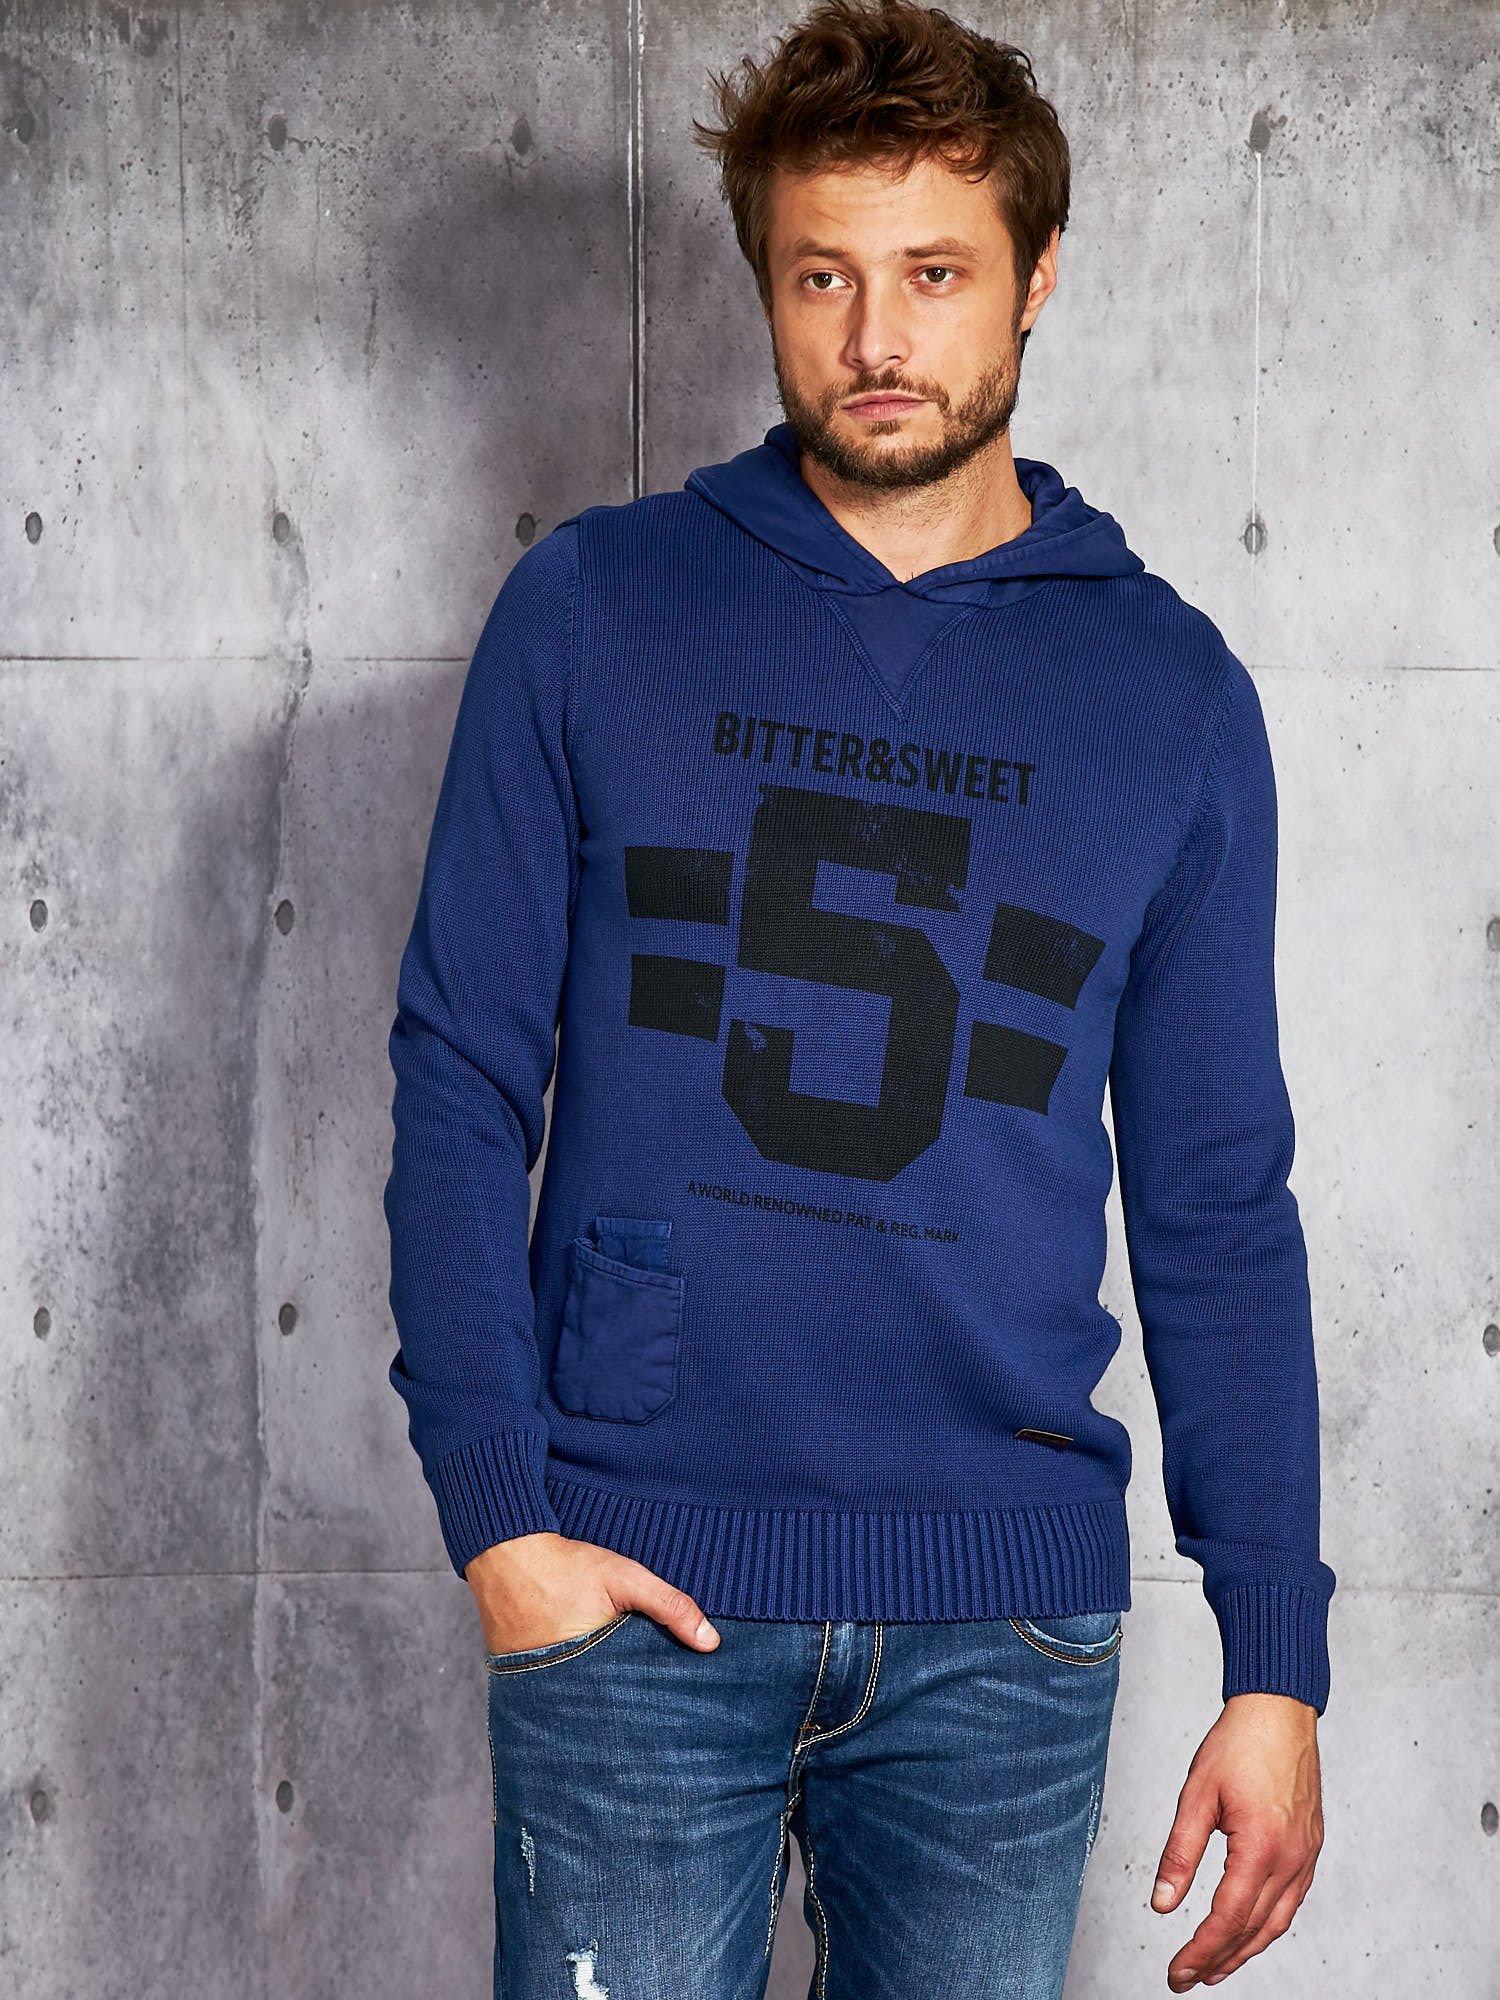 Pánský svetr s potiskem a kapucí v kobaltové barvě